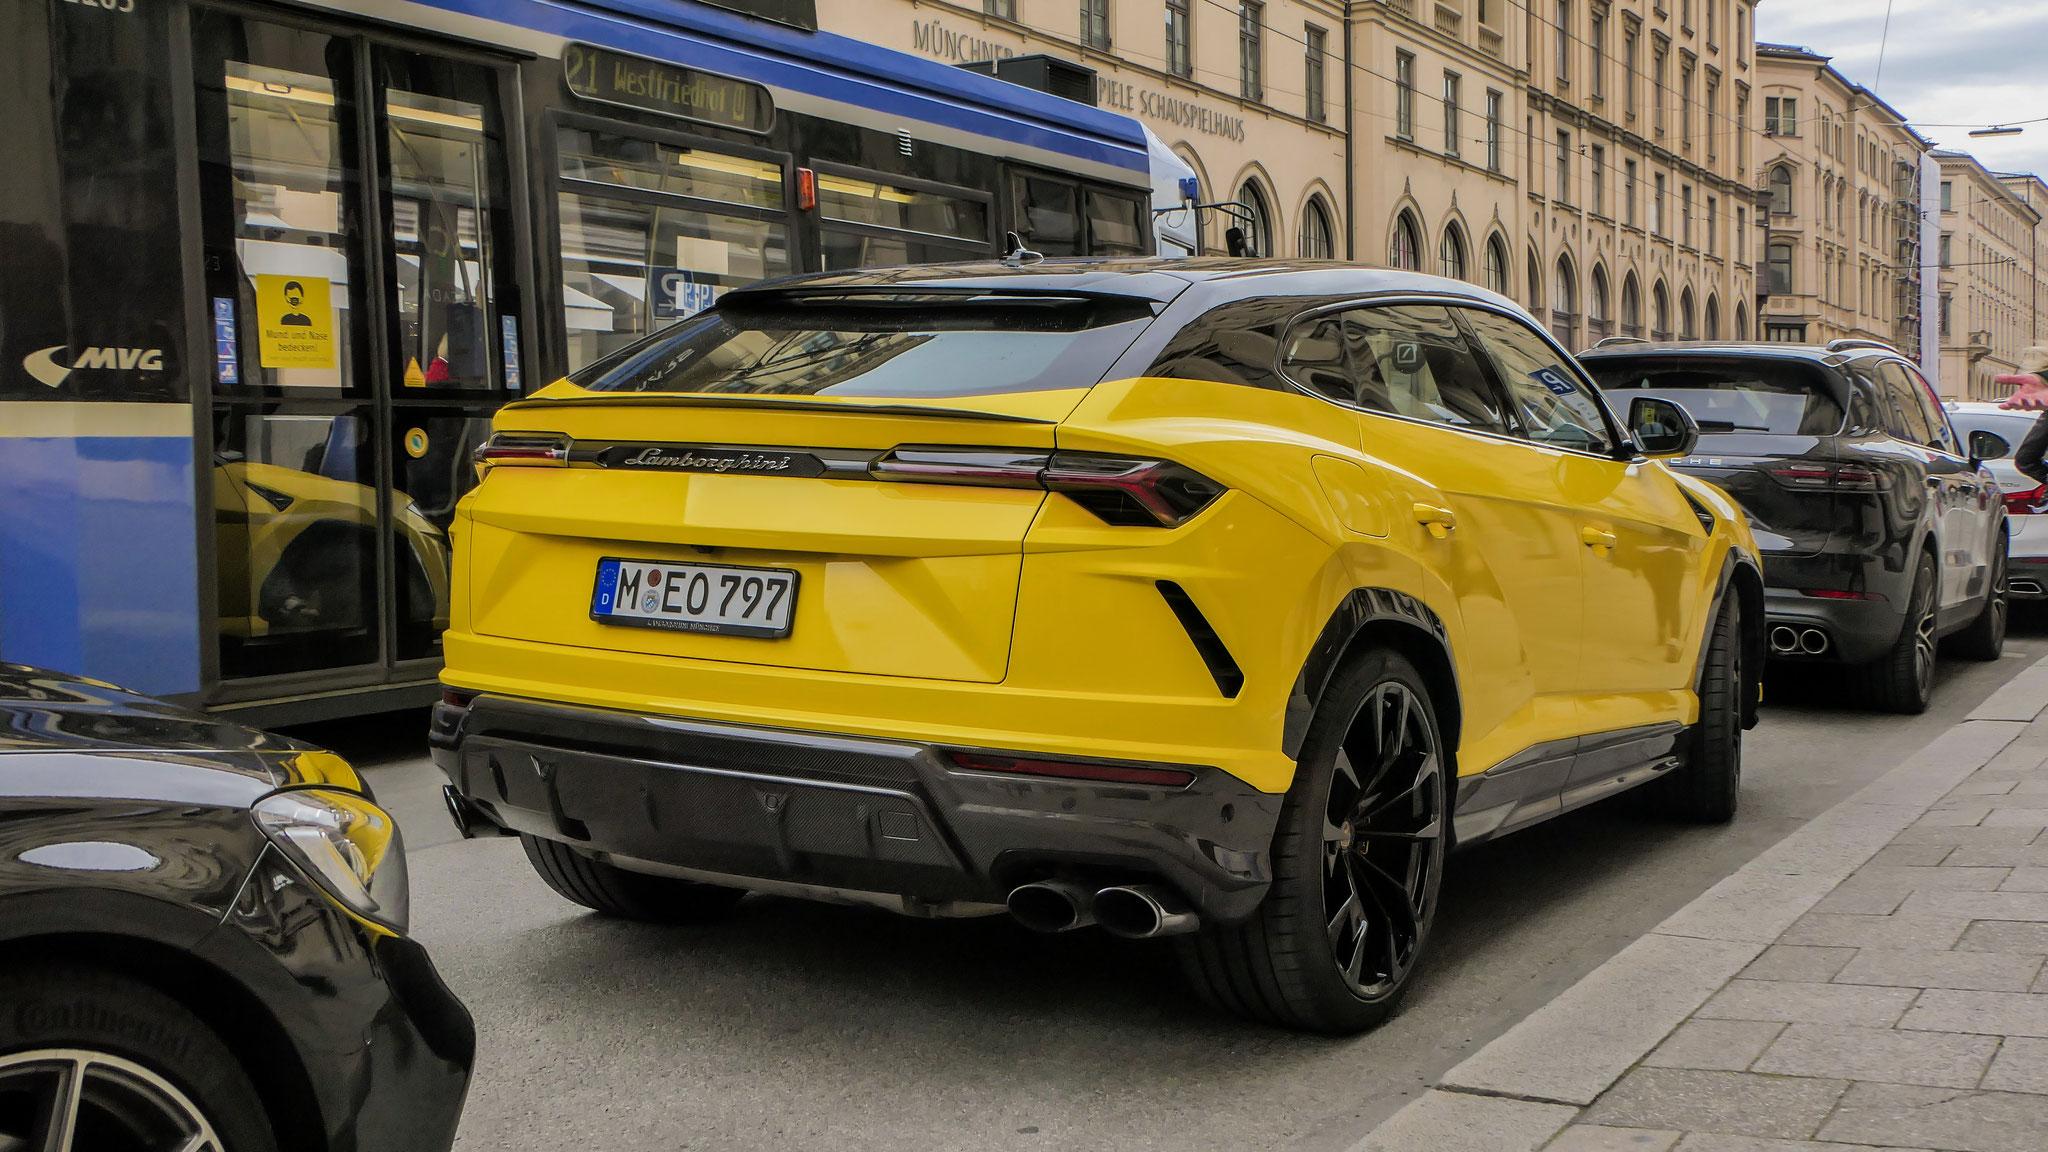 Lamborghini Urus - M-EO-797